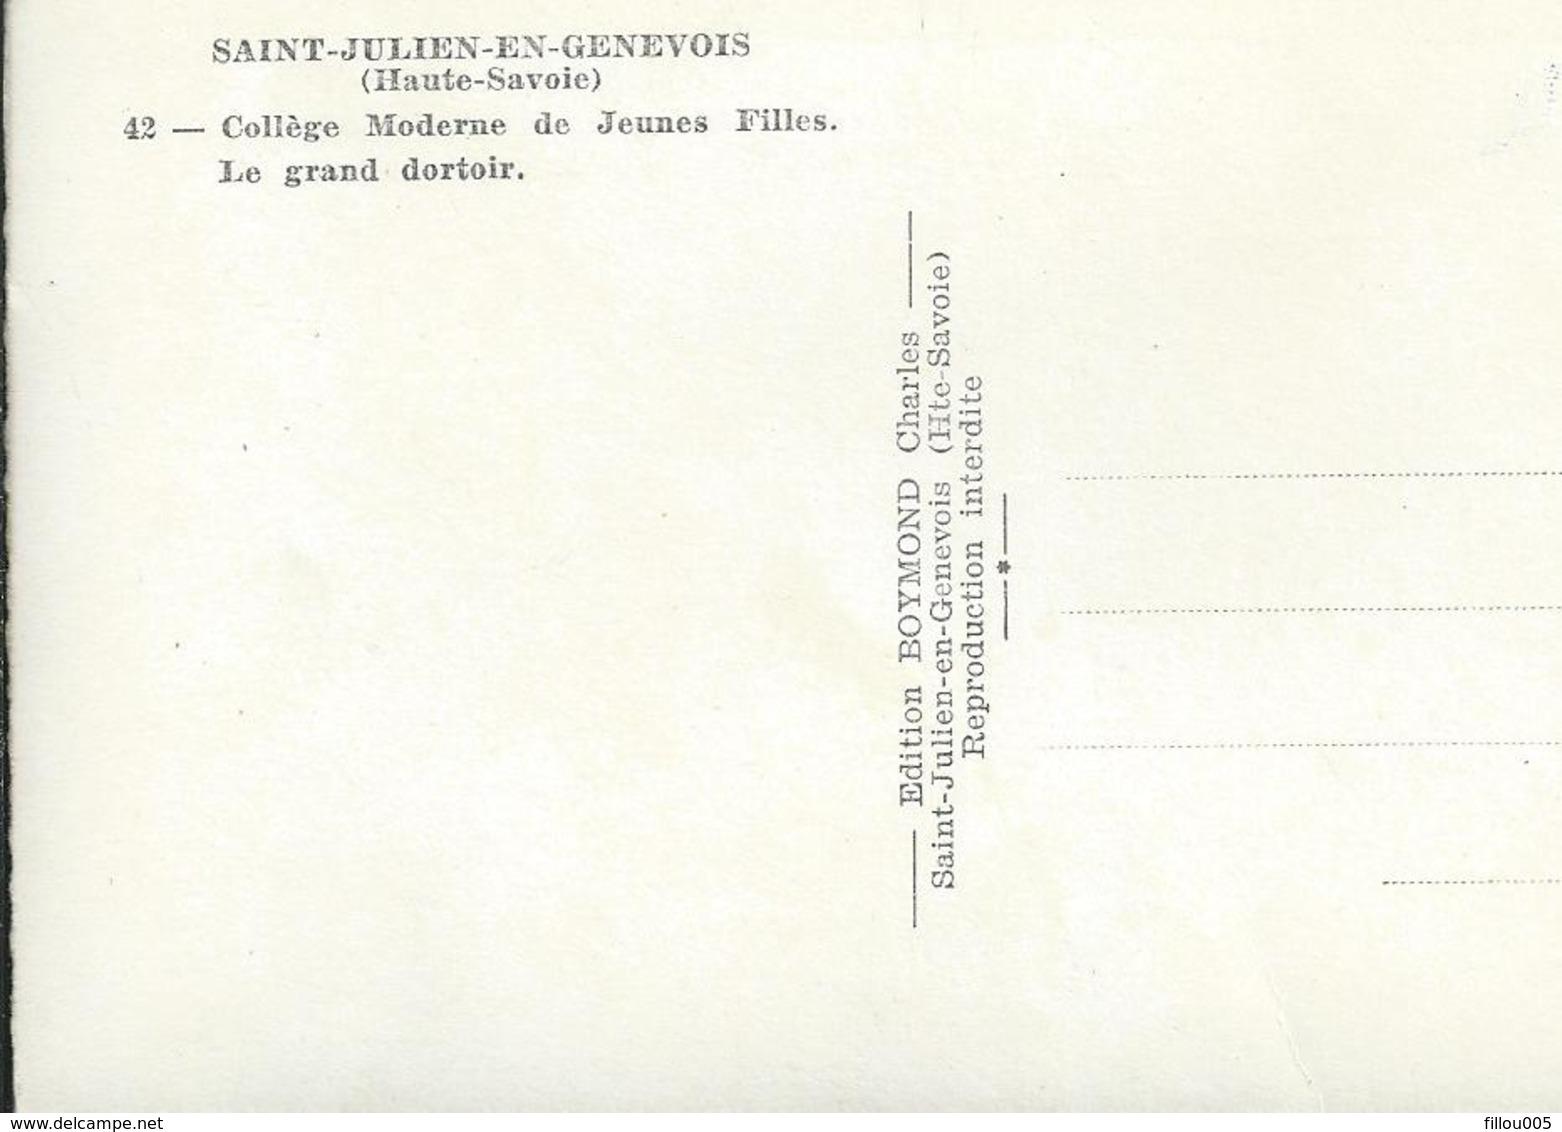 74 ST- JULIEN EN- GENEVOIS  (HAUTE-SAVOIE)  COLLEGE DE JEUNES FILLES. LE GRAND DORTOIR...C3184 - Saint-Julien-en-Genevois